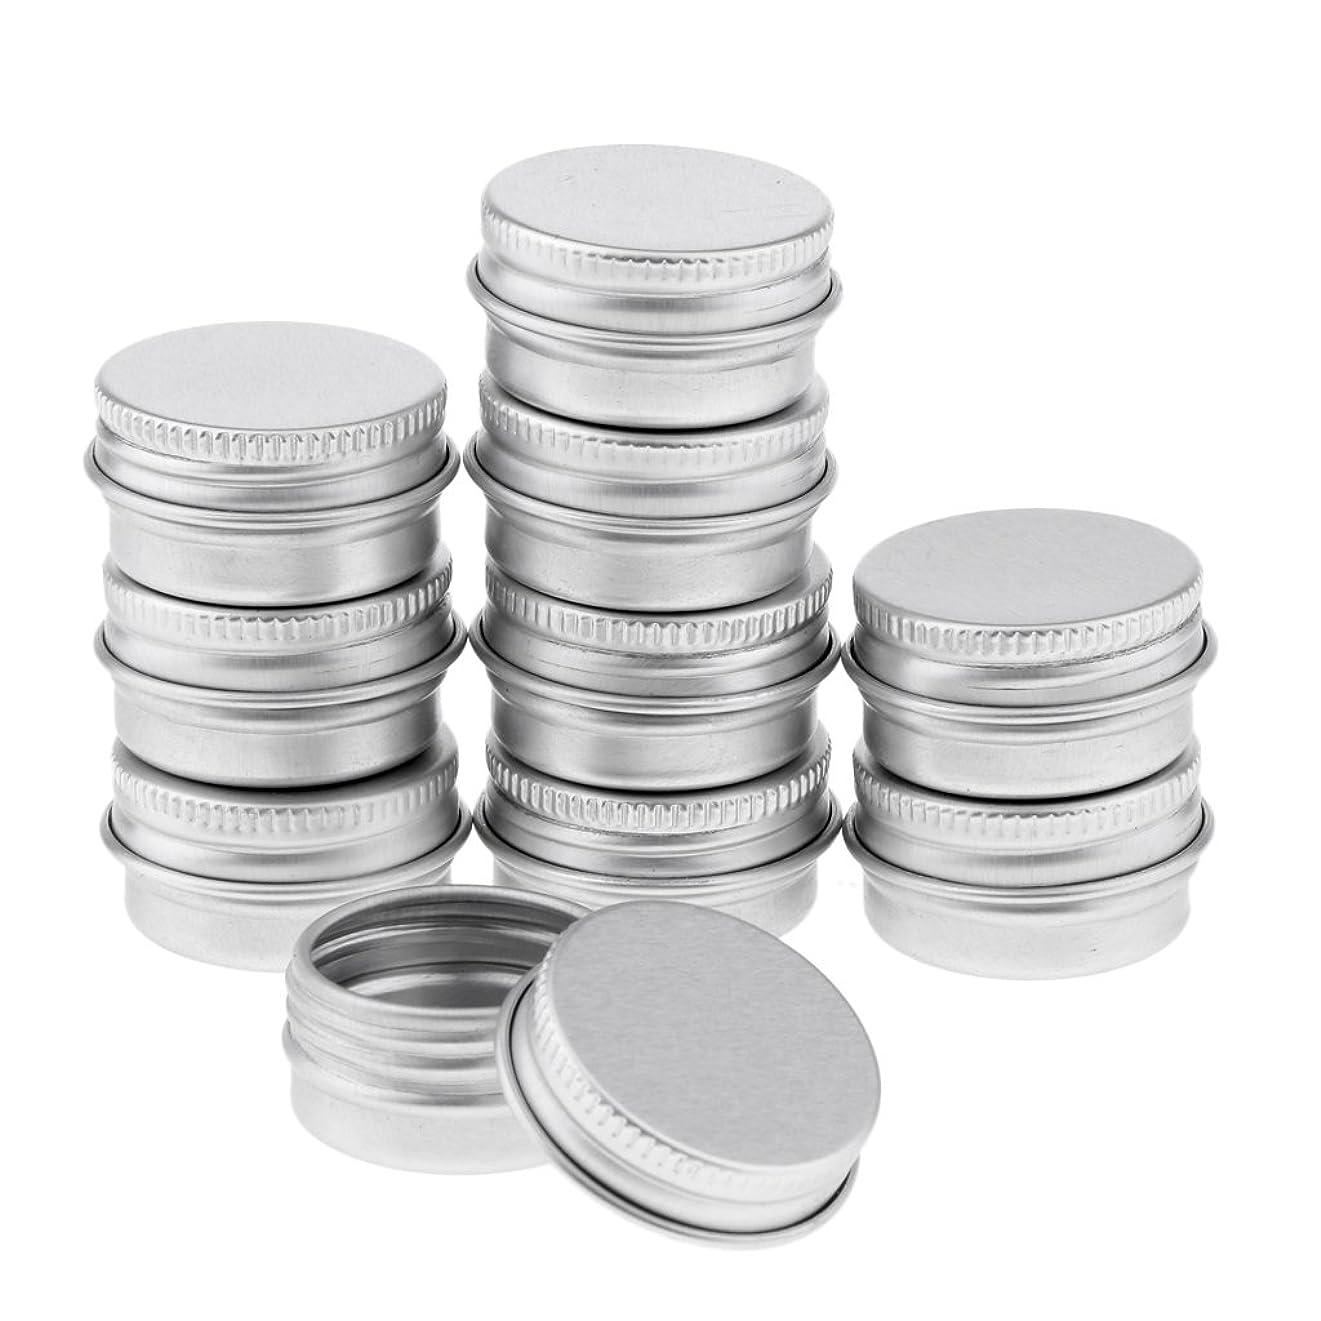 野心高価な手Blesiya 10個 アルミ製 コスメ 詰替え 容器 空缶 スクリュー蓋付き 容器 ジャー トップラウンド 約5g